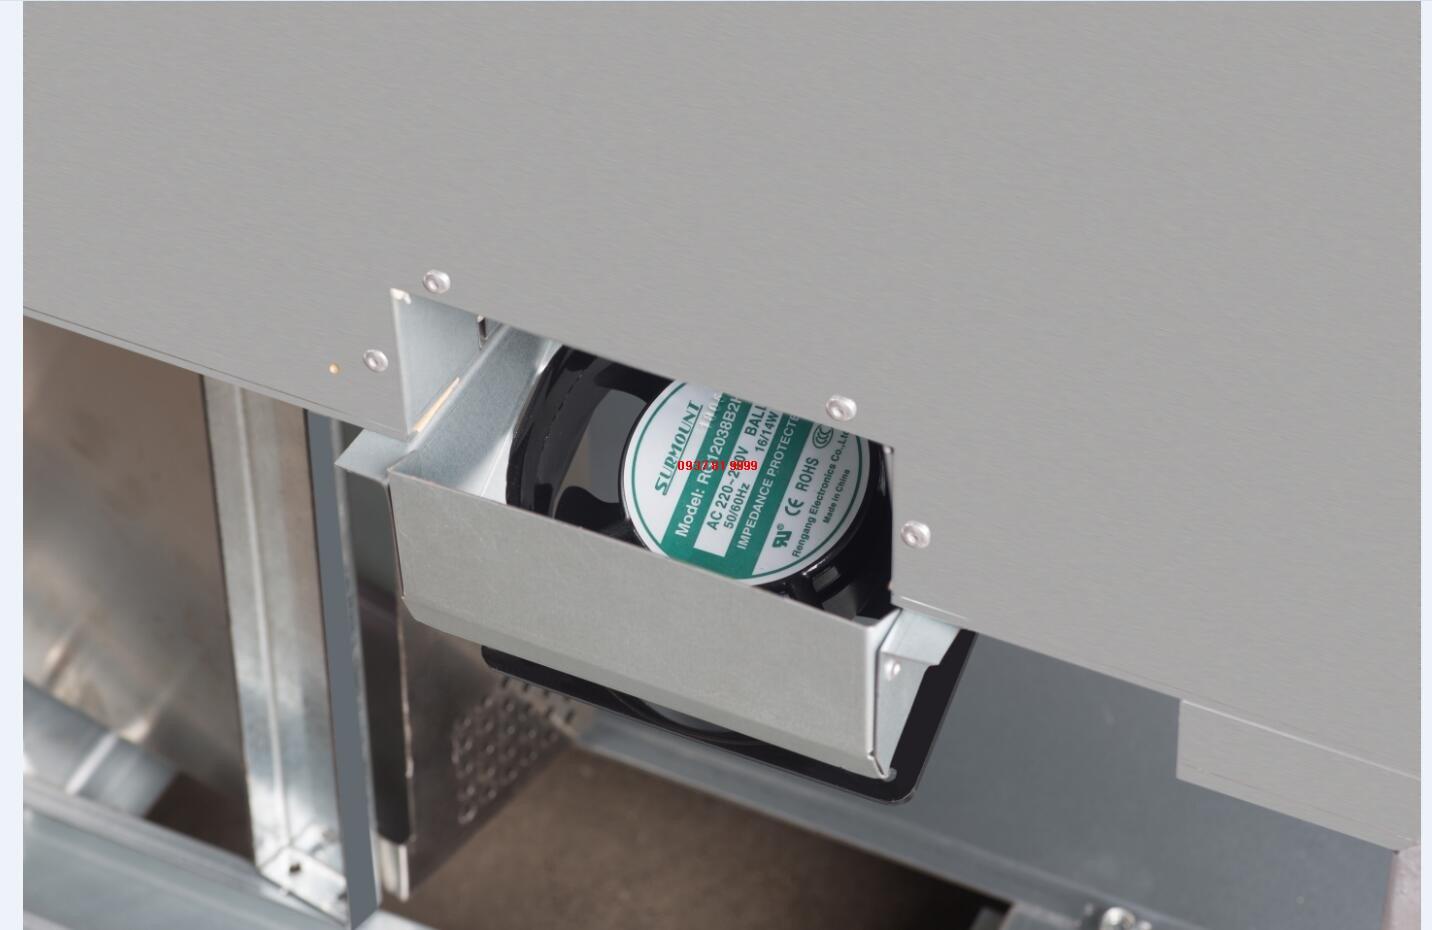 Tủ trưng bày bánh 1 tầng Turbo Air TBP1500-1 - ảnh 5